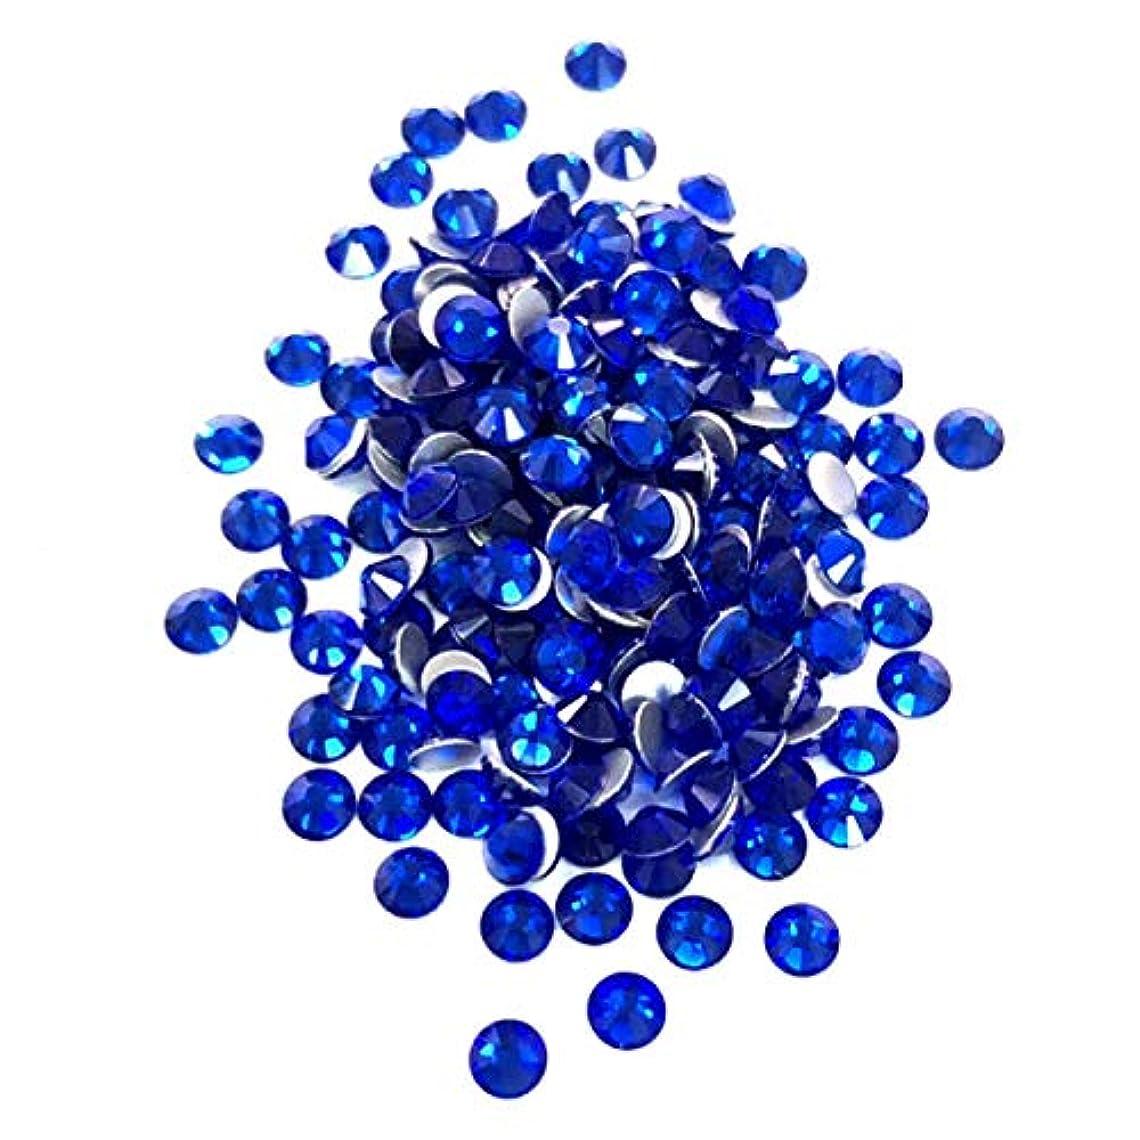 カストディアン防腐剤シンカン【ネイルウーマン】最高品質ガラスストーン!スワロ同等の輝き! サファイア ブルー 青色 (約100粒入り) (サファイア) (SS8, サファイア)